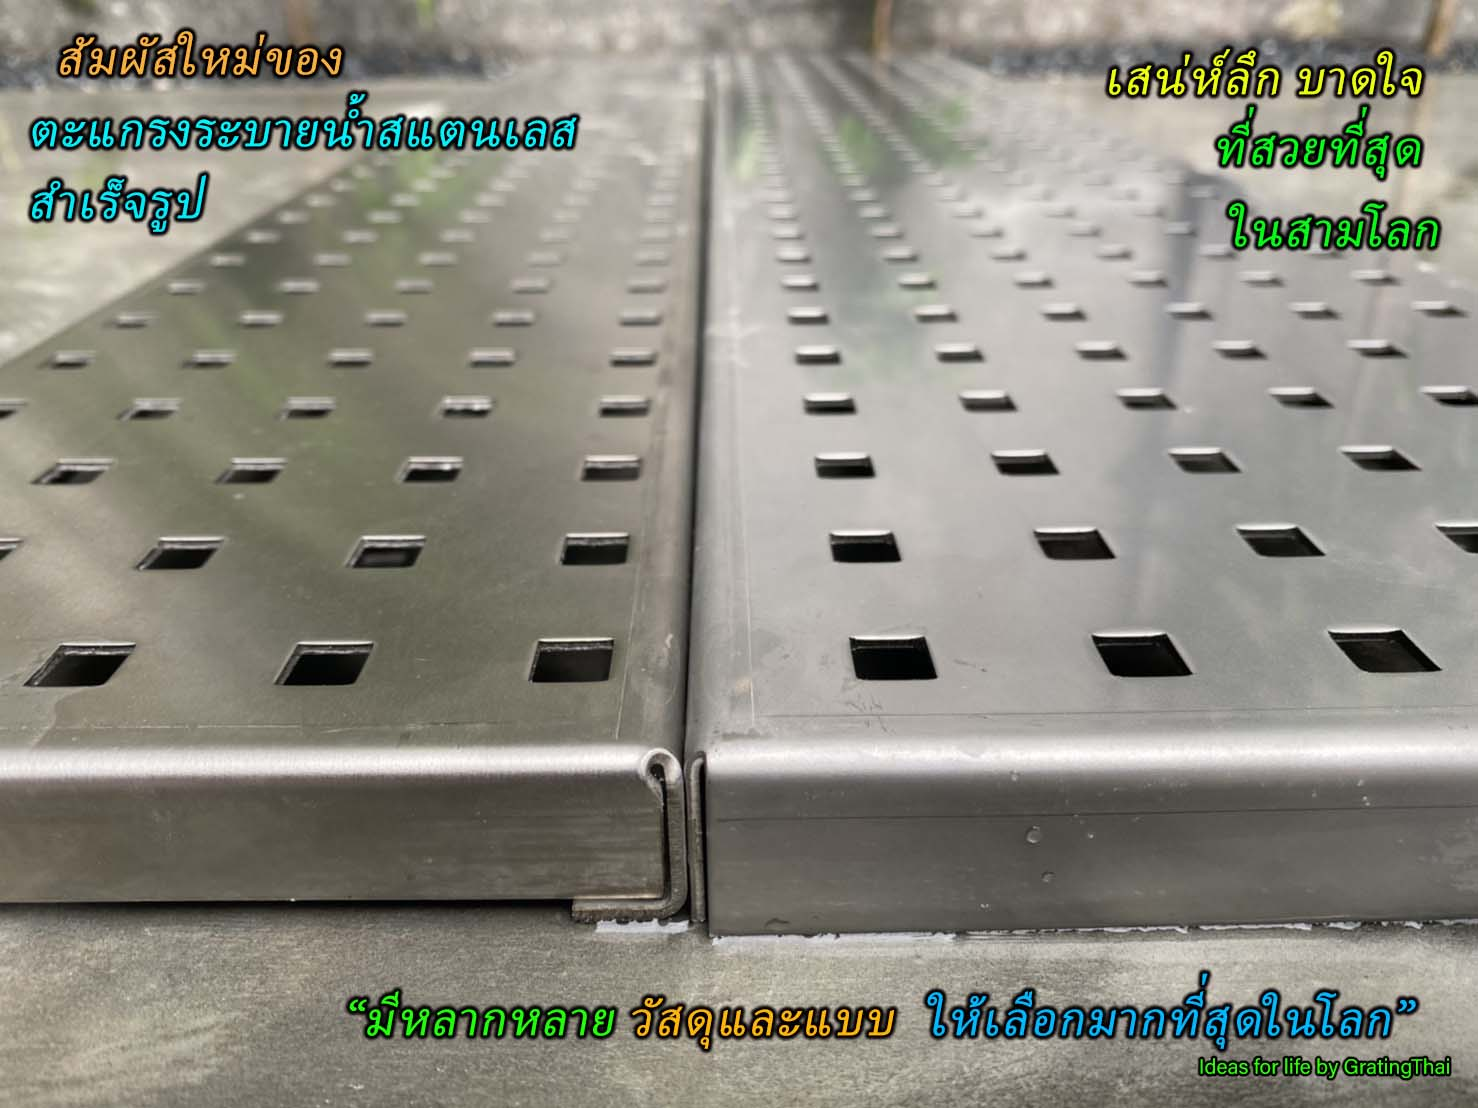 ราคาฝาบ่อพักแผ่นพื้นคอนกรีตสำเร็จรูปเกรตติ้งระบายน้ำ Stainless Aluminium Expanded Metal Grating